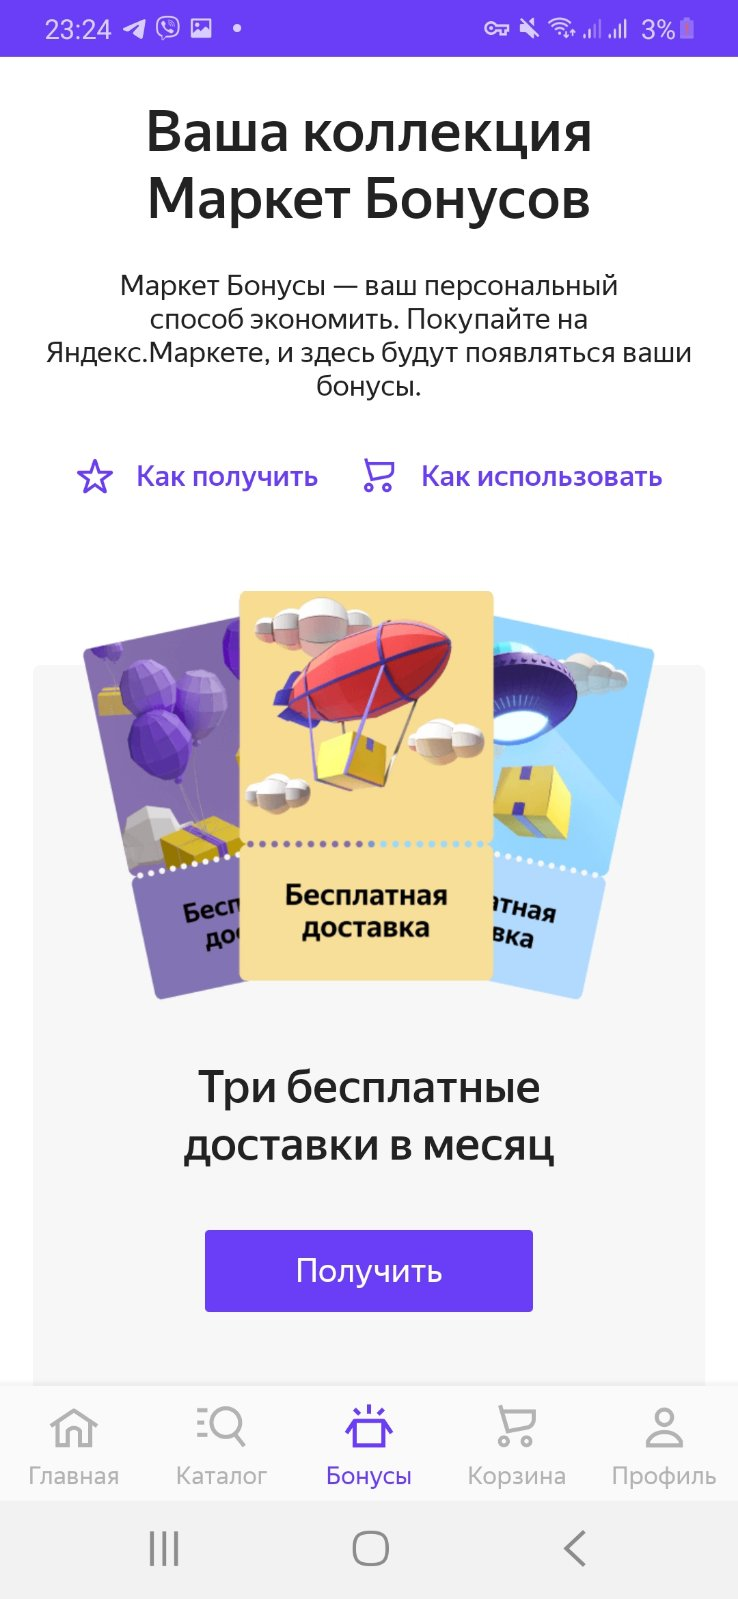 Что случилось с Беру? — Перенос на Яндекс.Маркет!